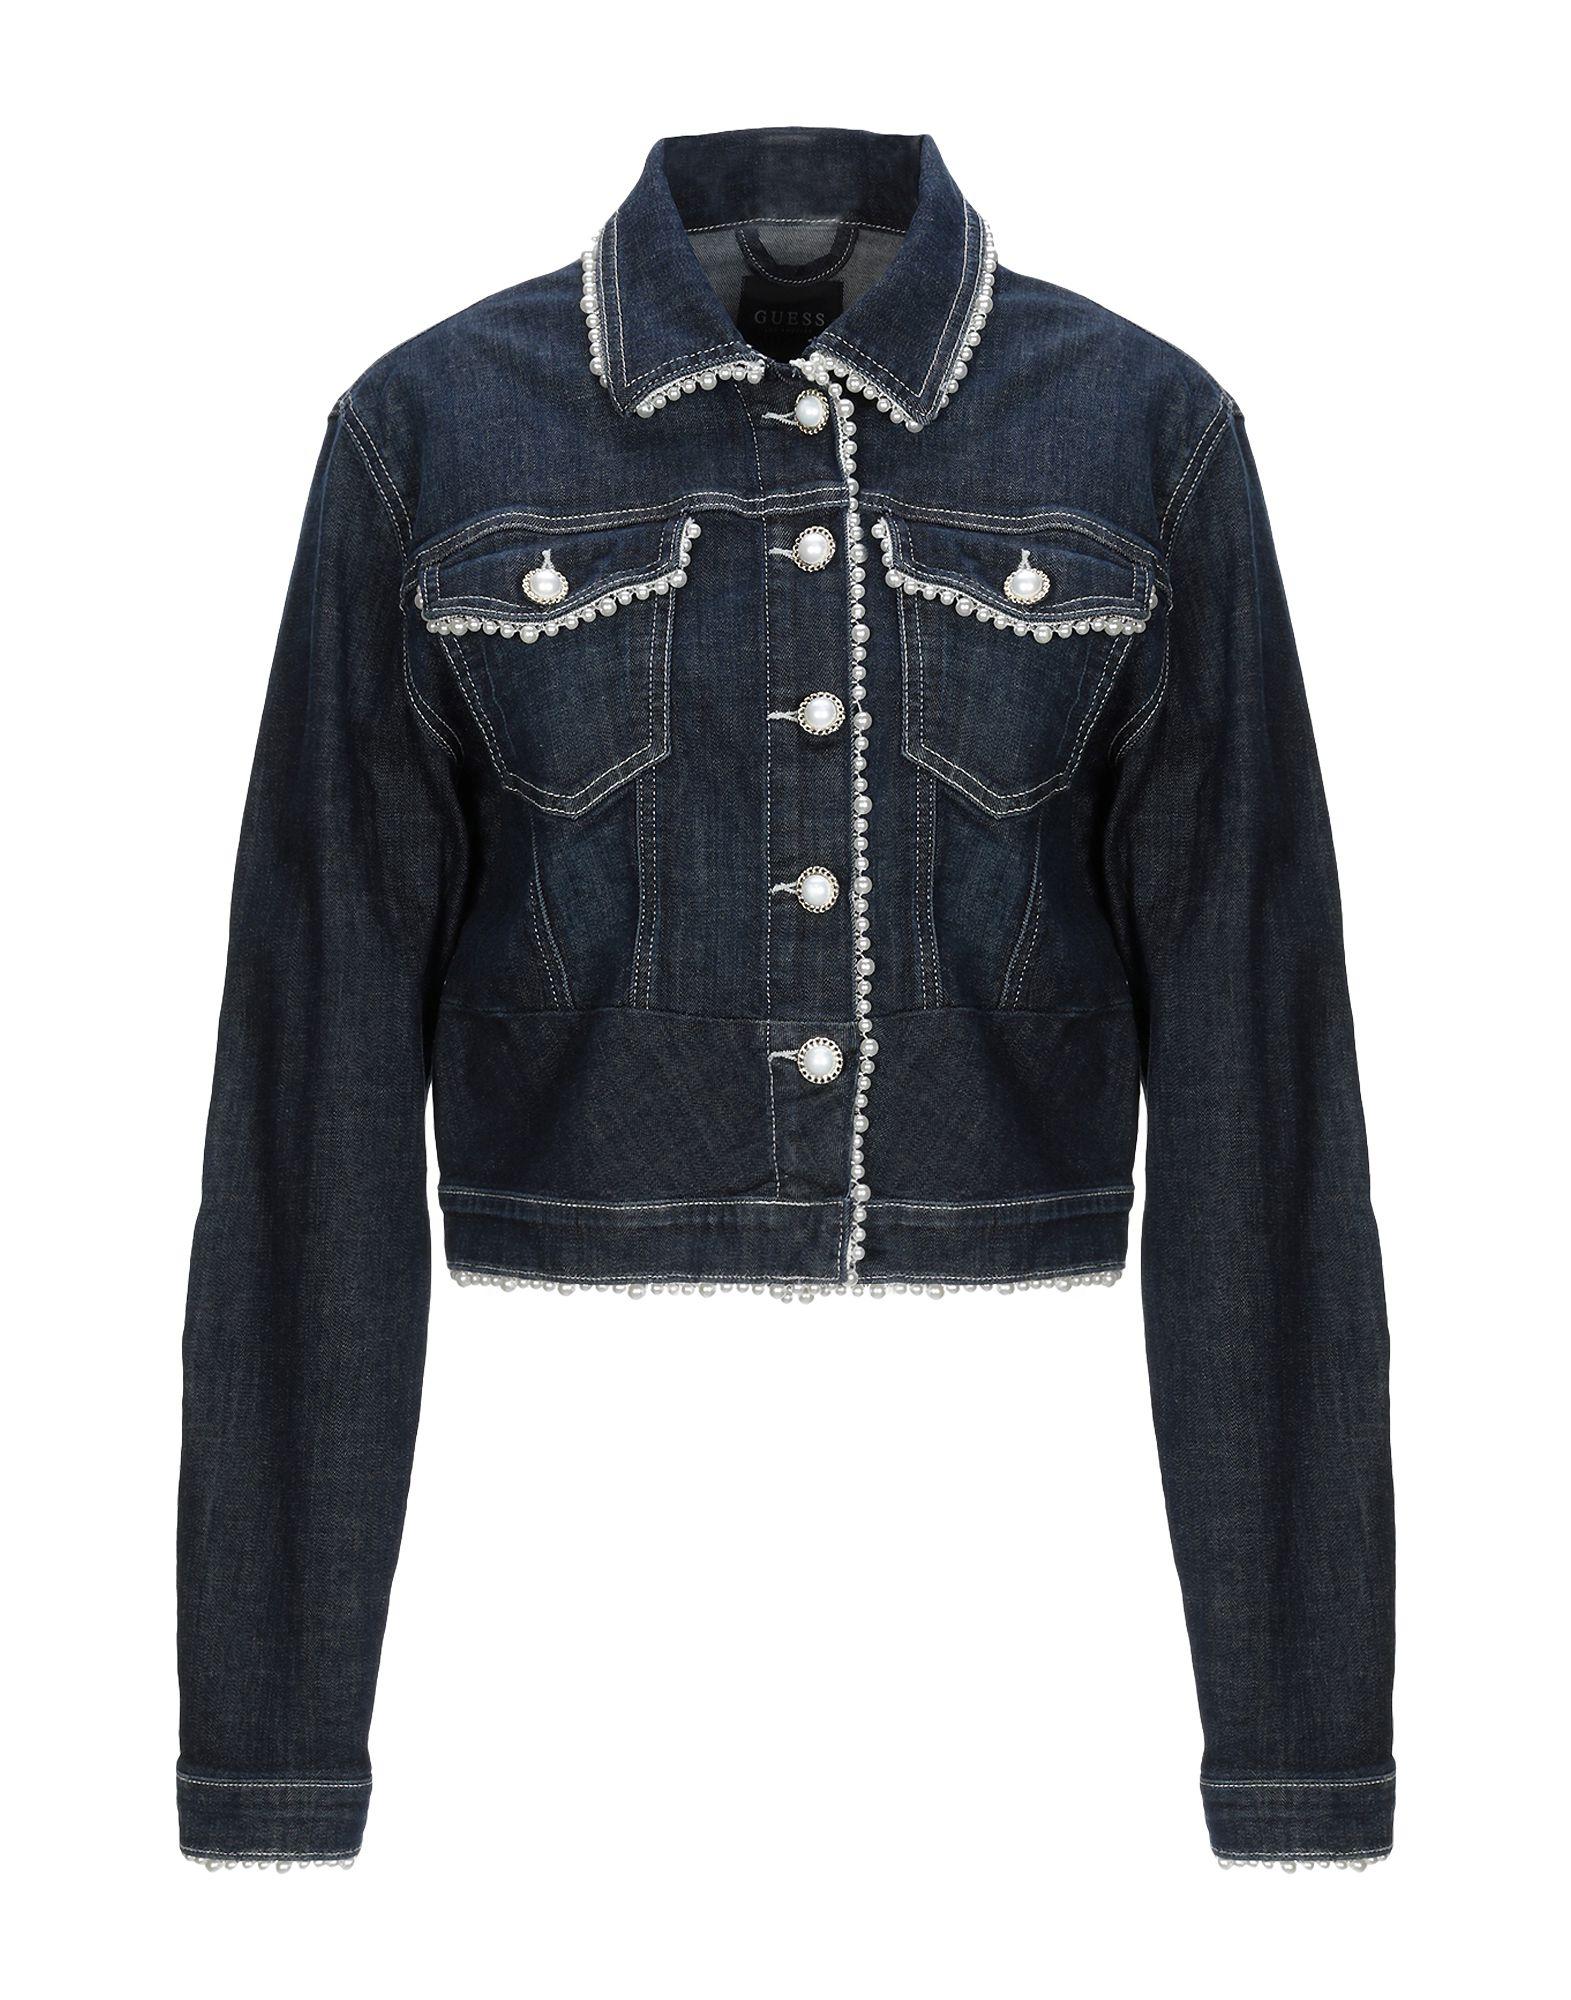 GUESS Джинсовая верхняя одежда брендовая одежда